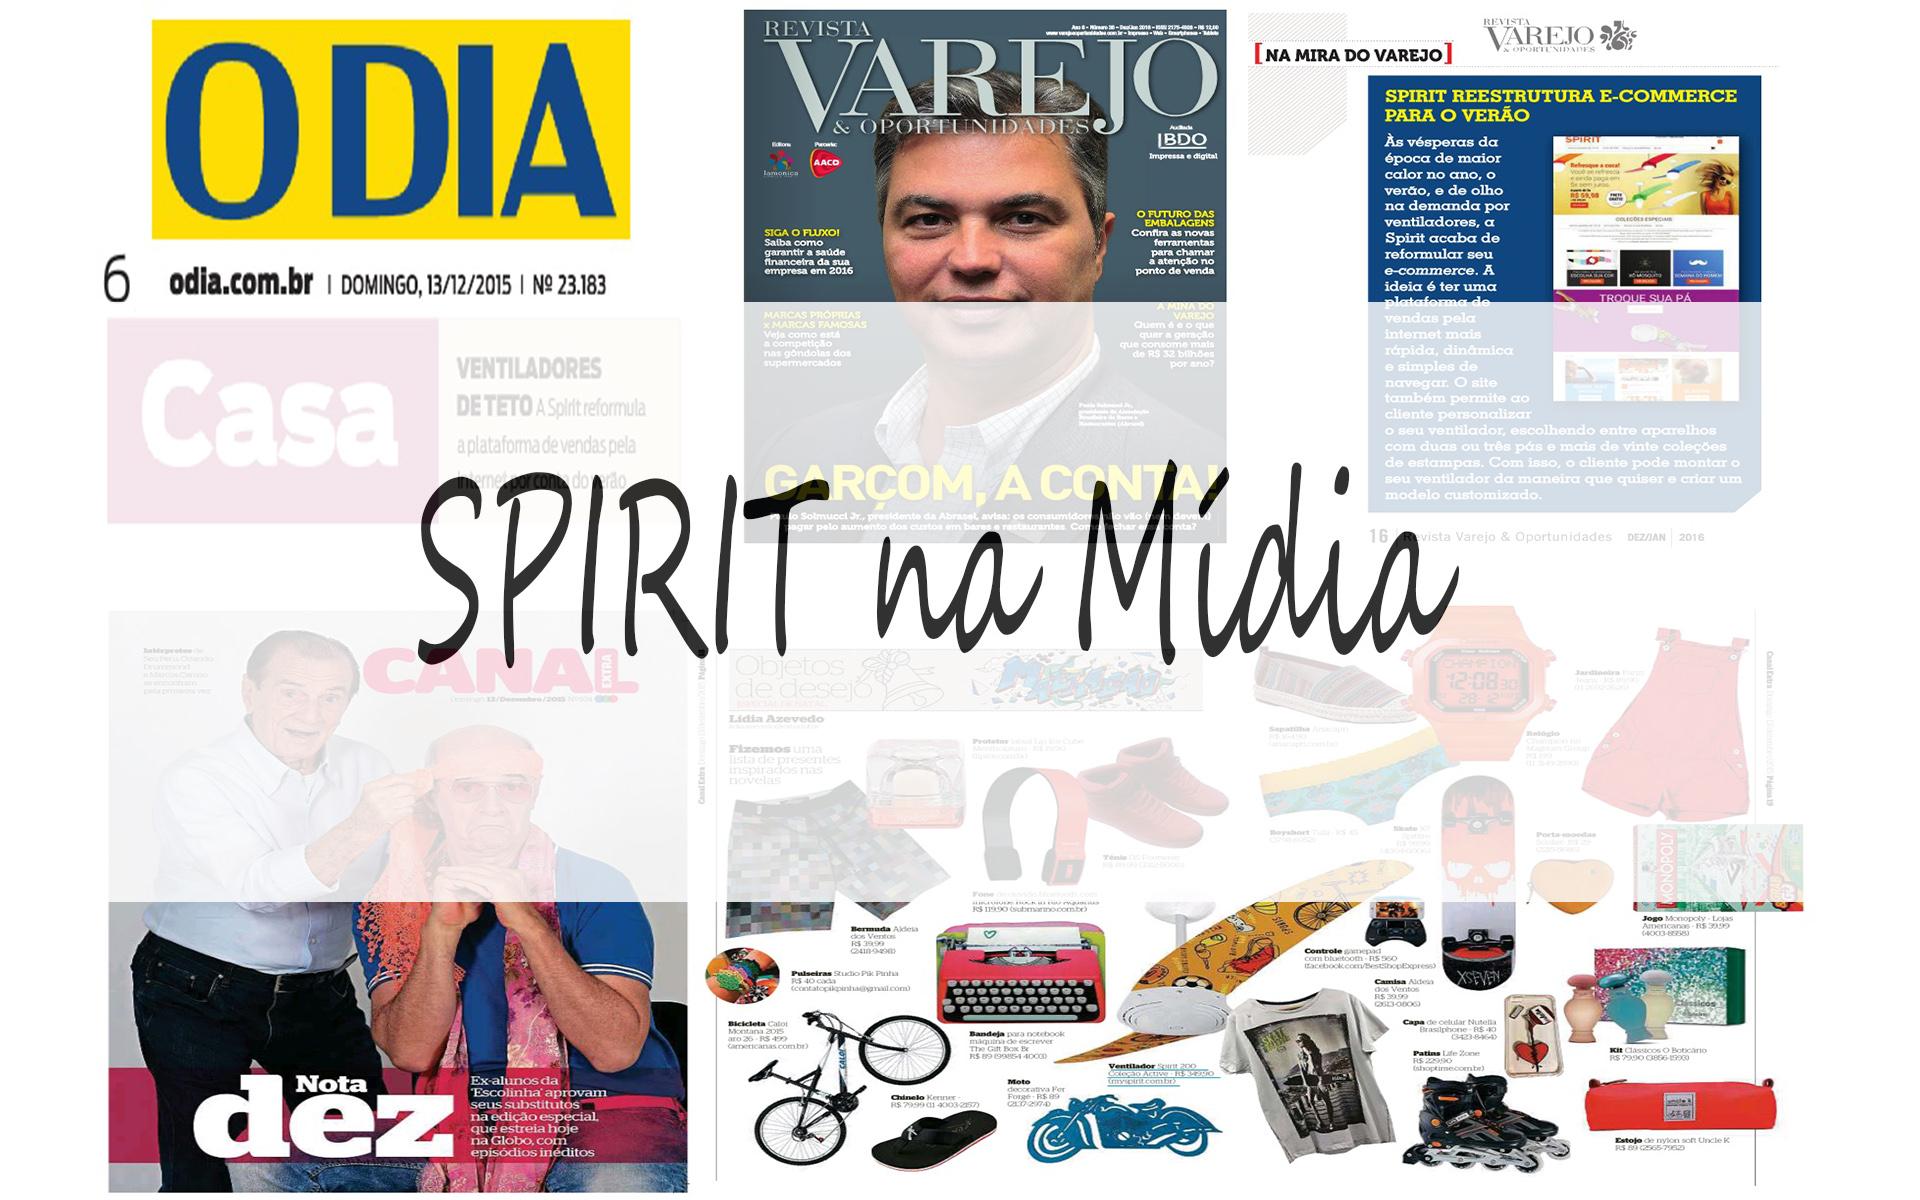 SPIRIT na mídia capa